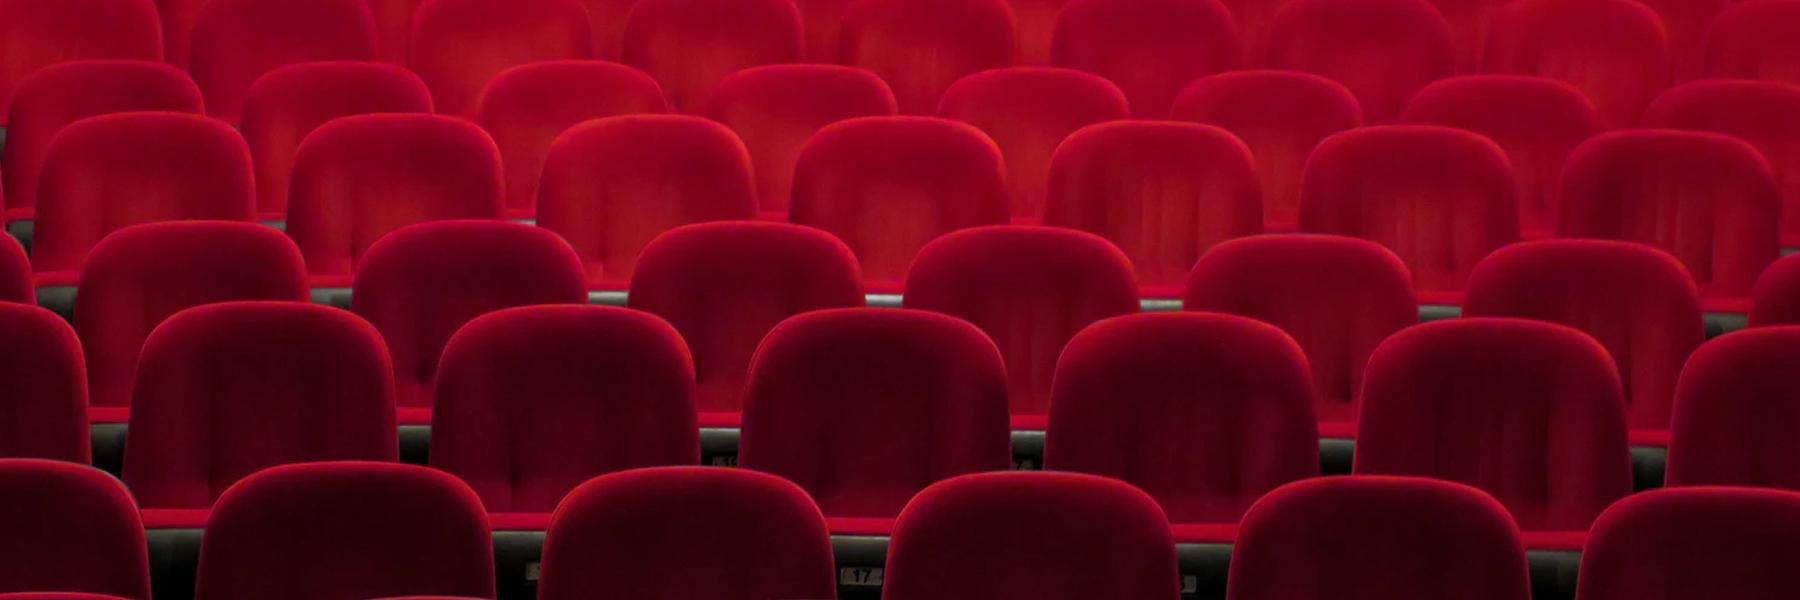 Groupon y sus 5 mejores planes para este mes de julio